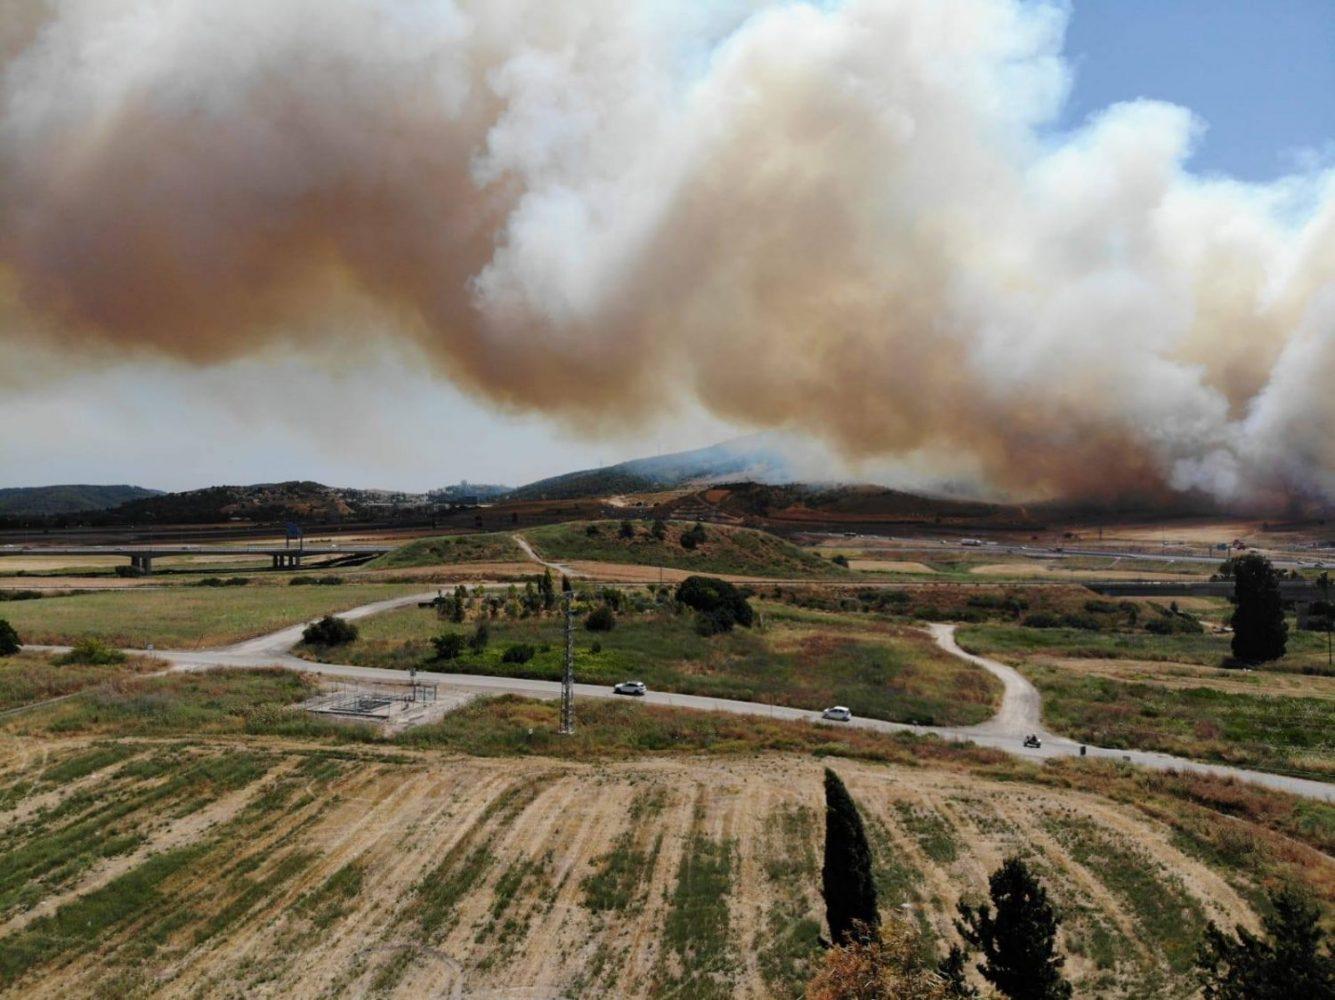 Nagy kiterjedésű erdőtűz tombolt a Karmel hegyen – Hírösszefoglaló